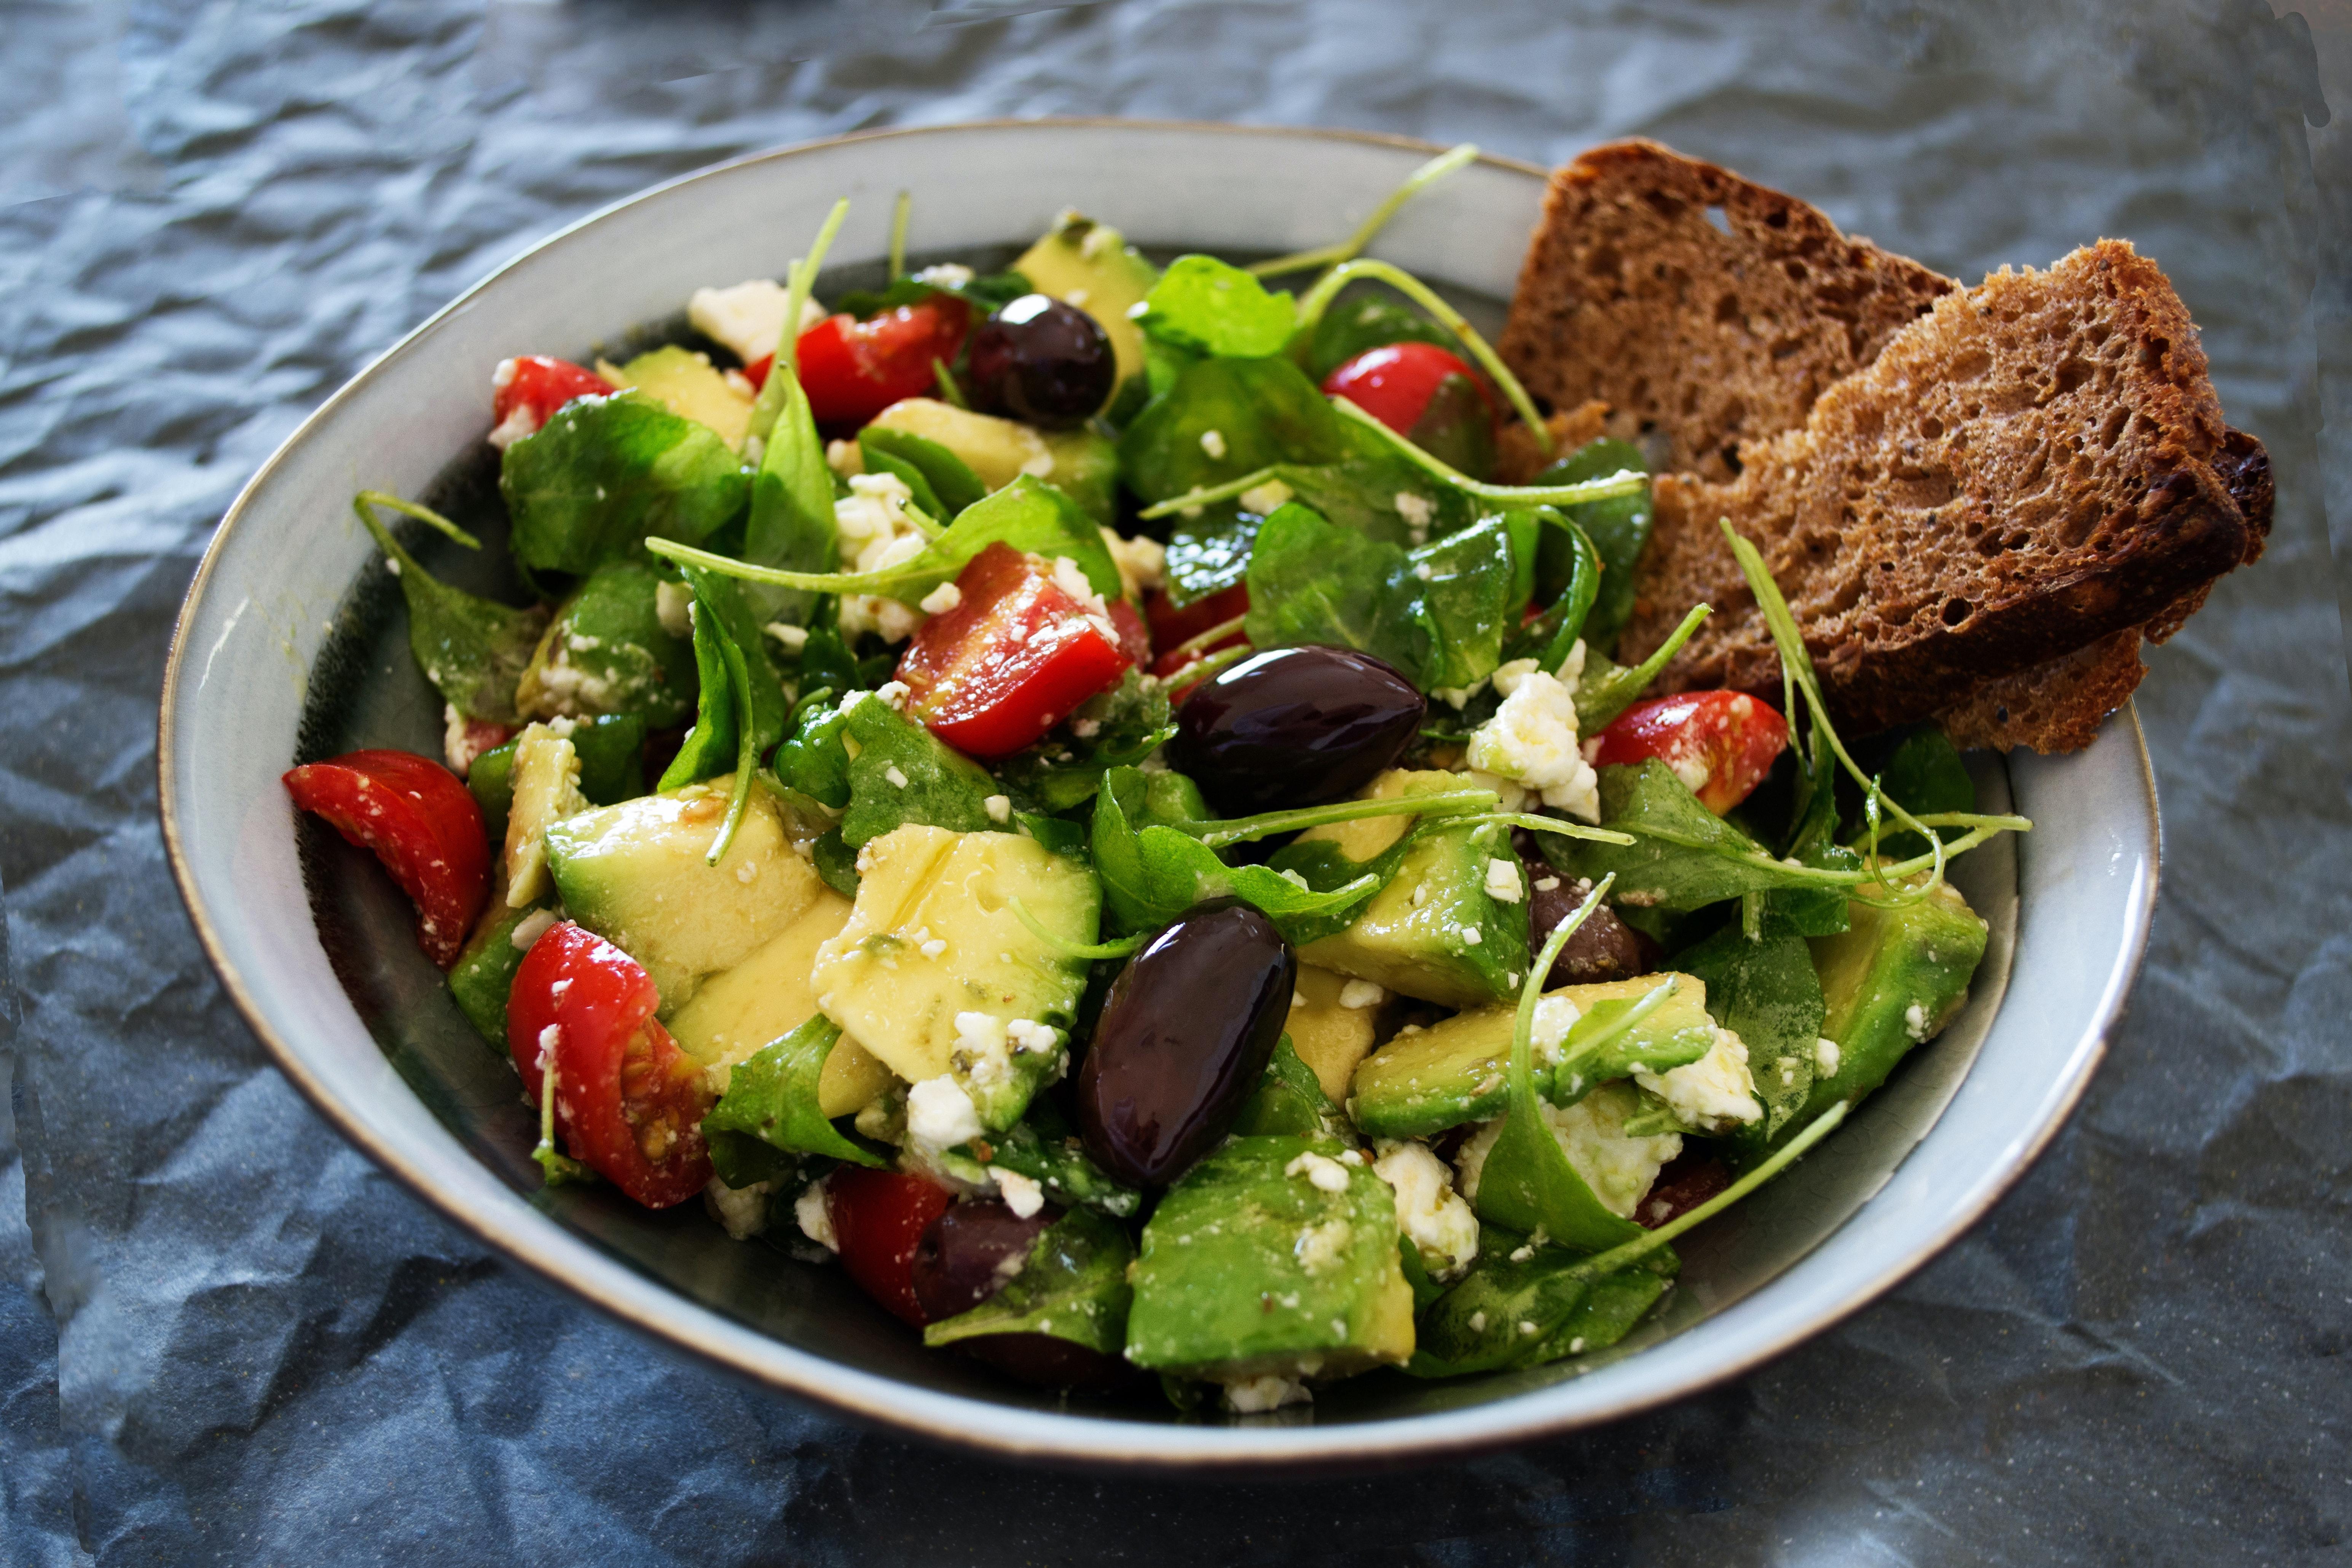 kalamata olive salad.jpg